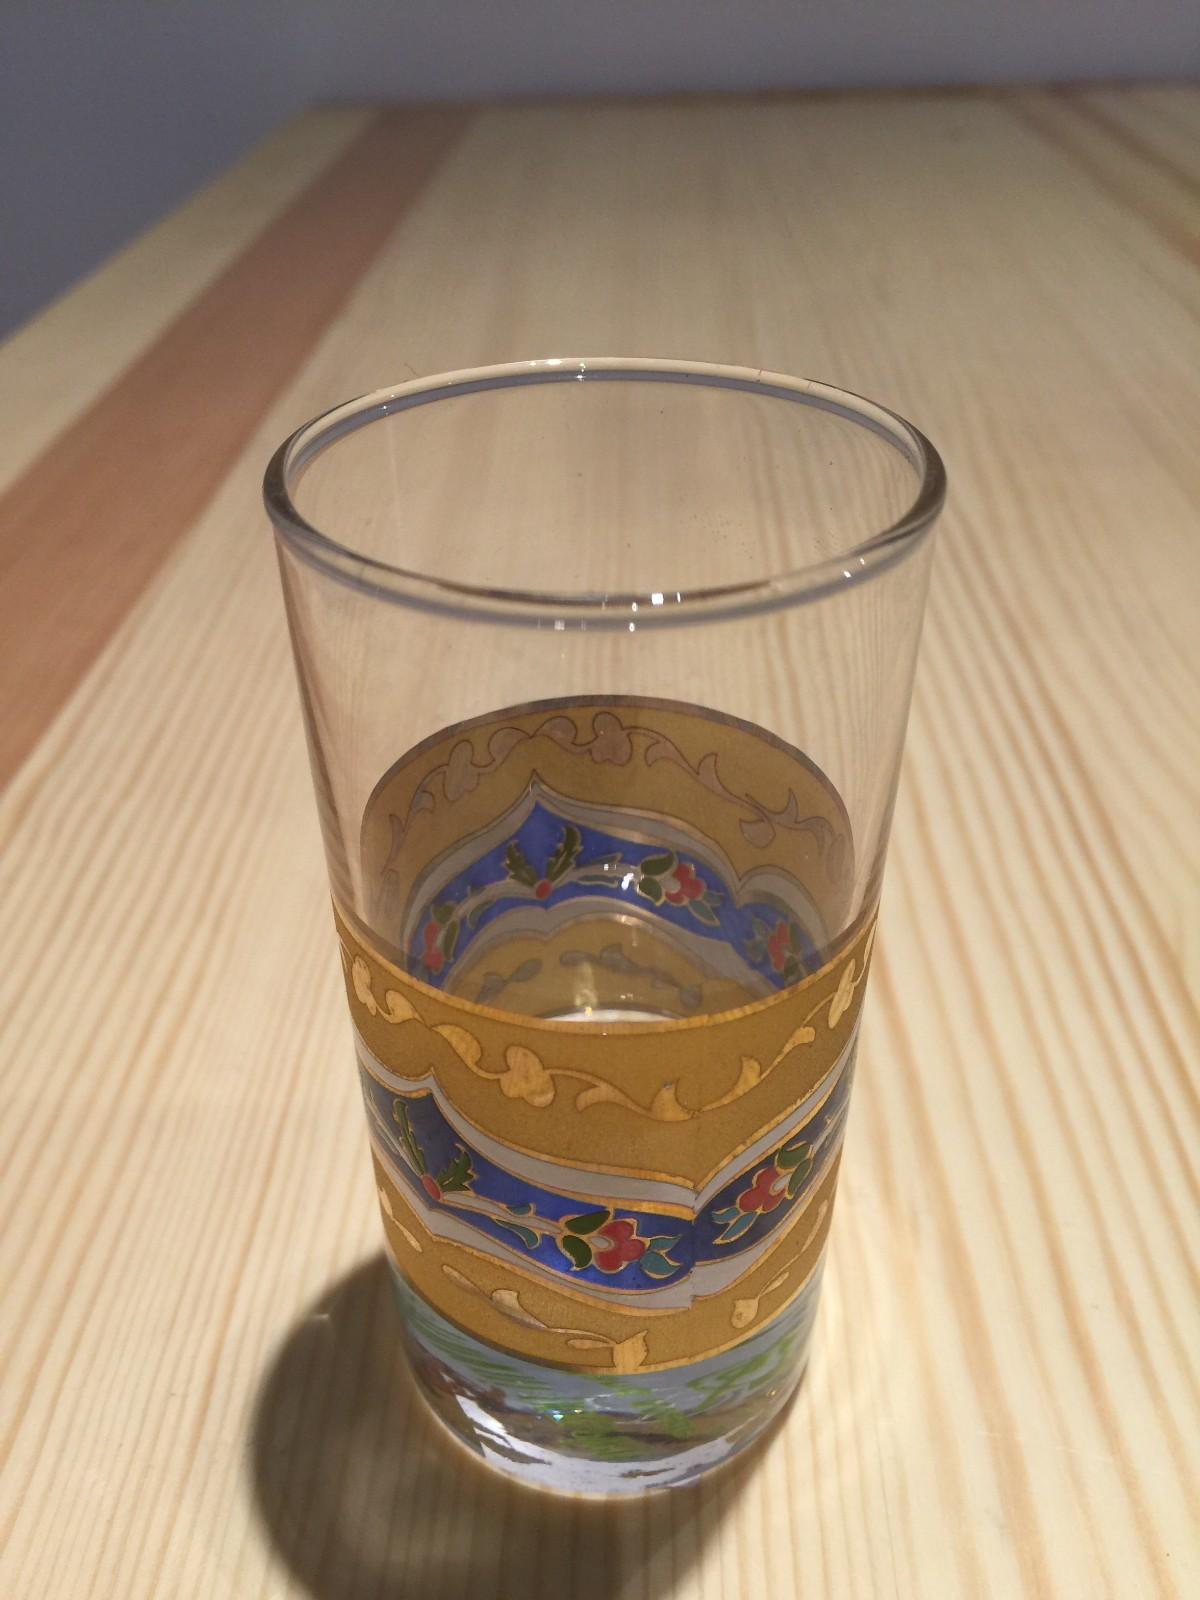 土耳其精品陶艺工艺品 家装摆件 咖啡杯图片三